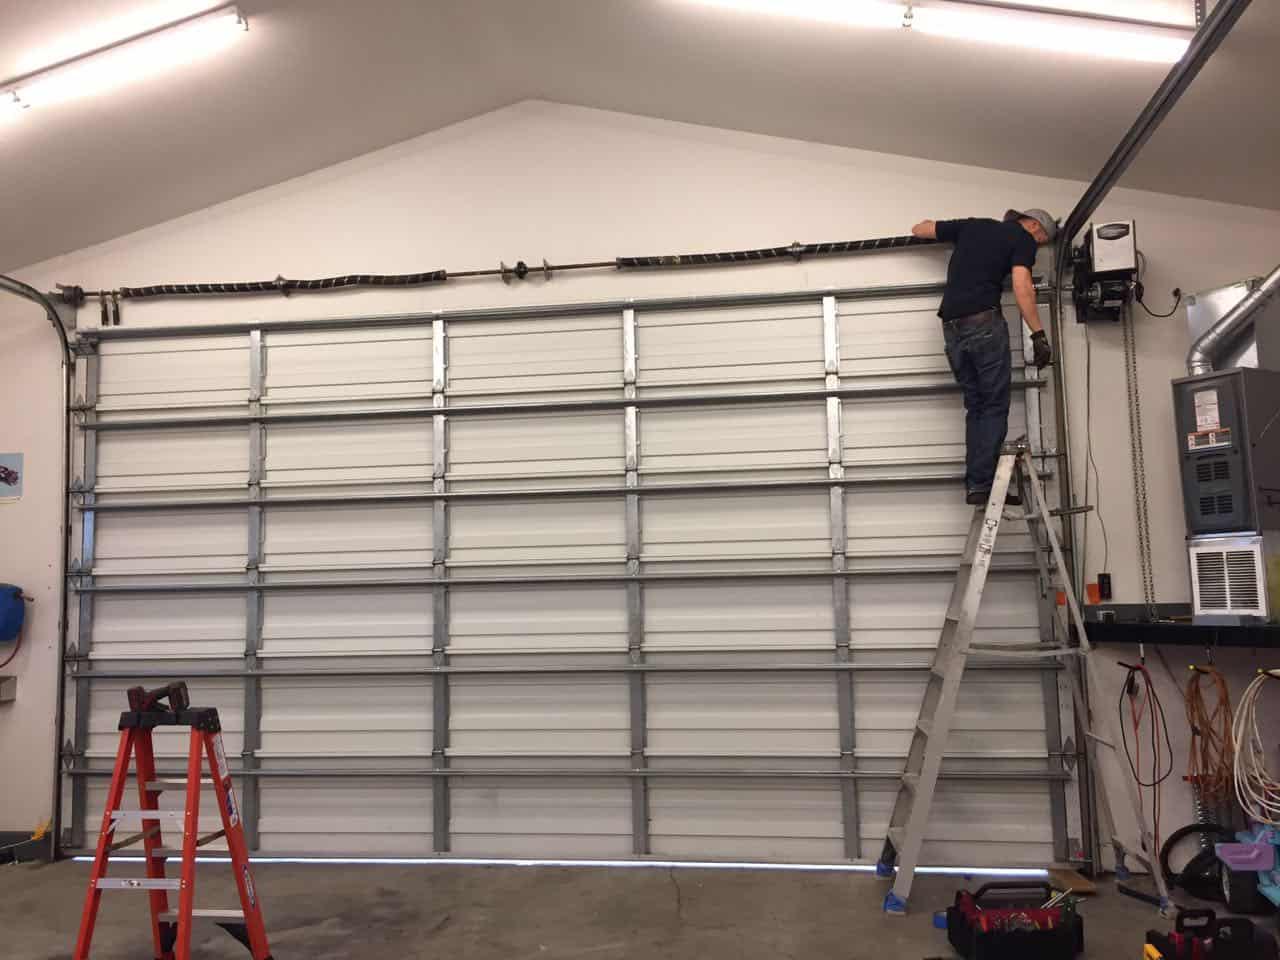 Commercial Garage Door Repair In Sumner WA By Elite Tech